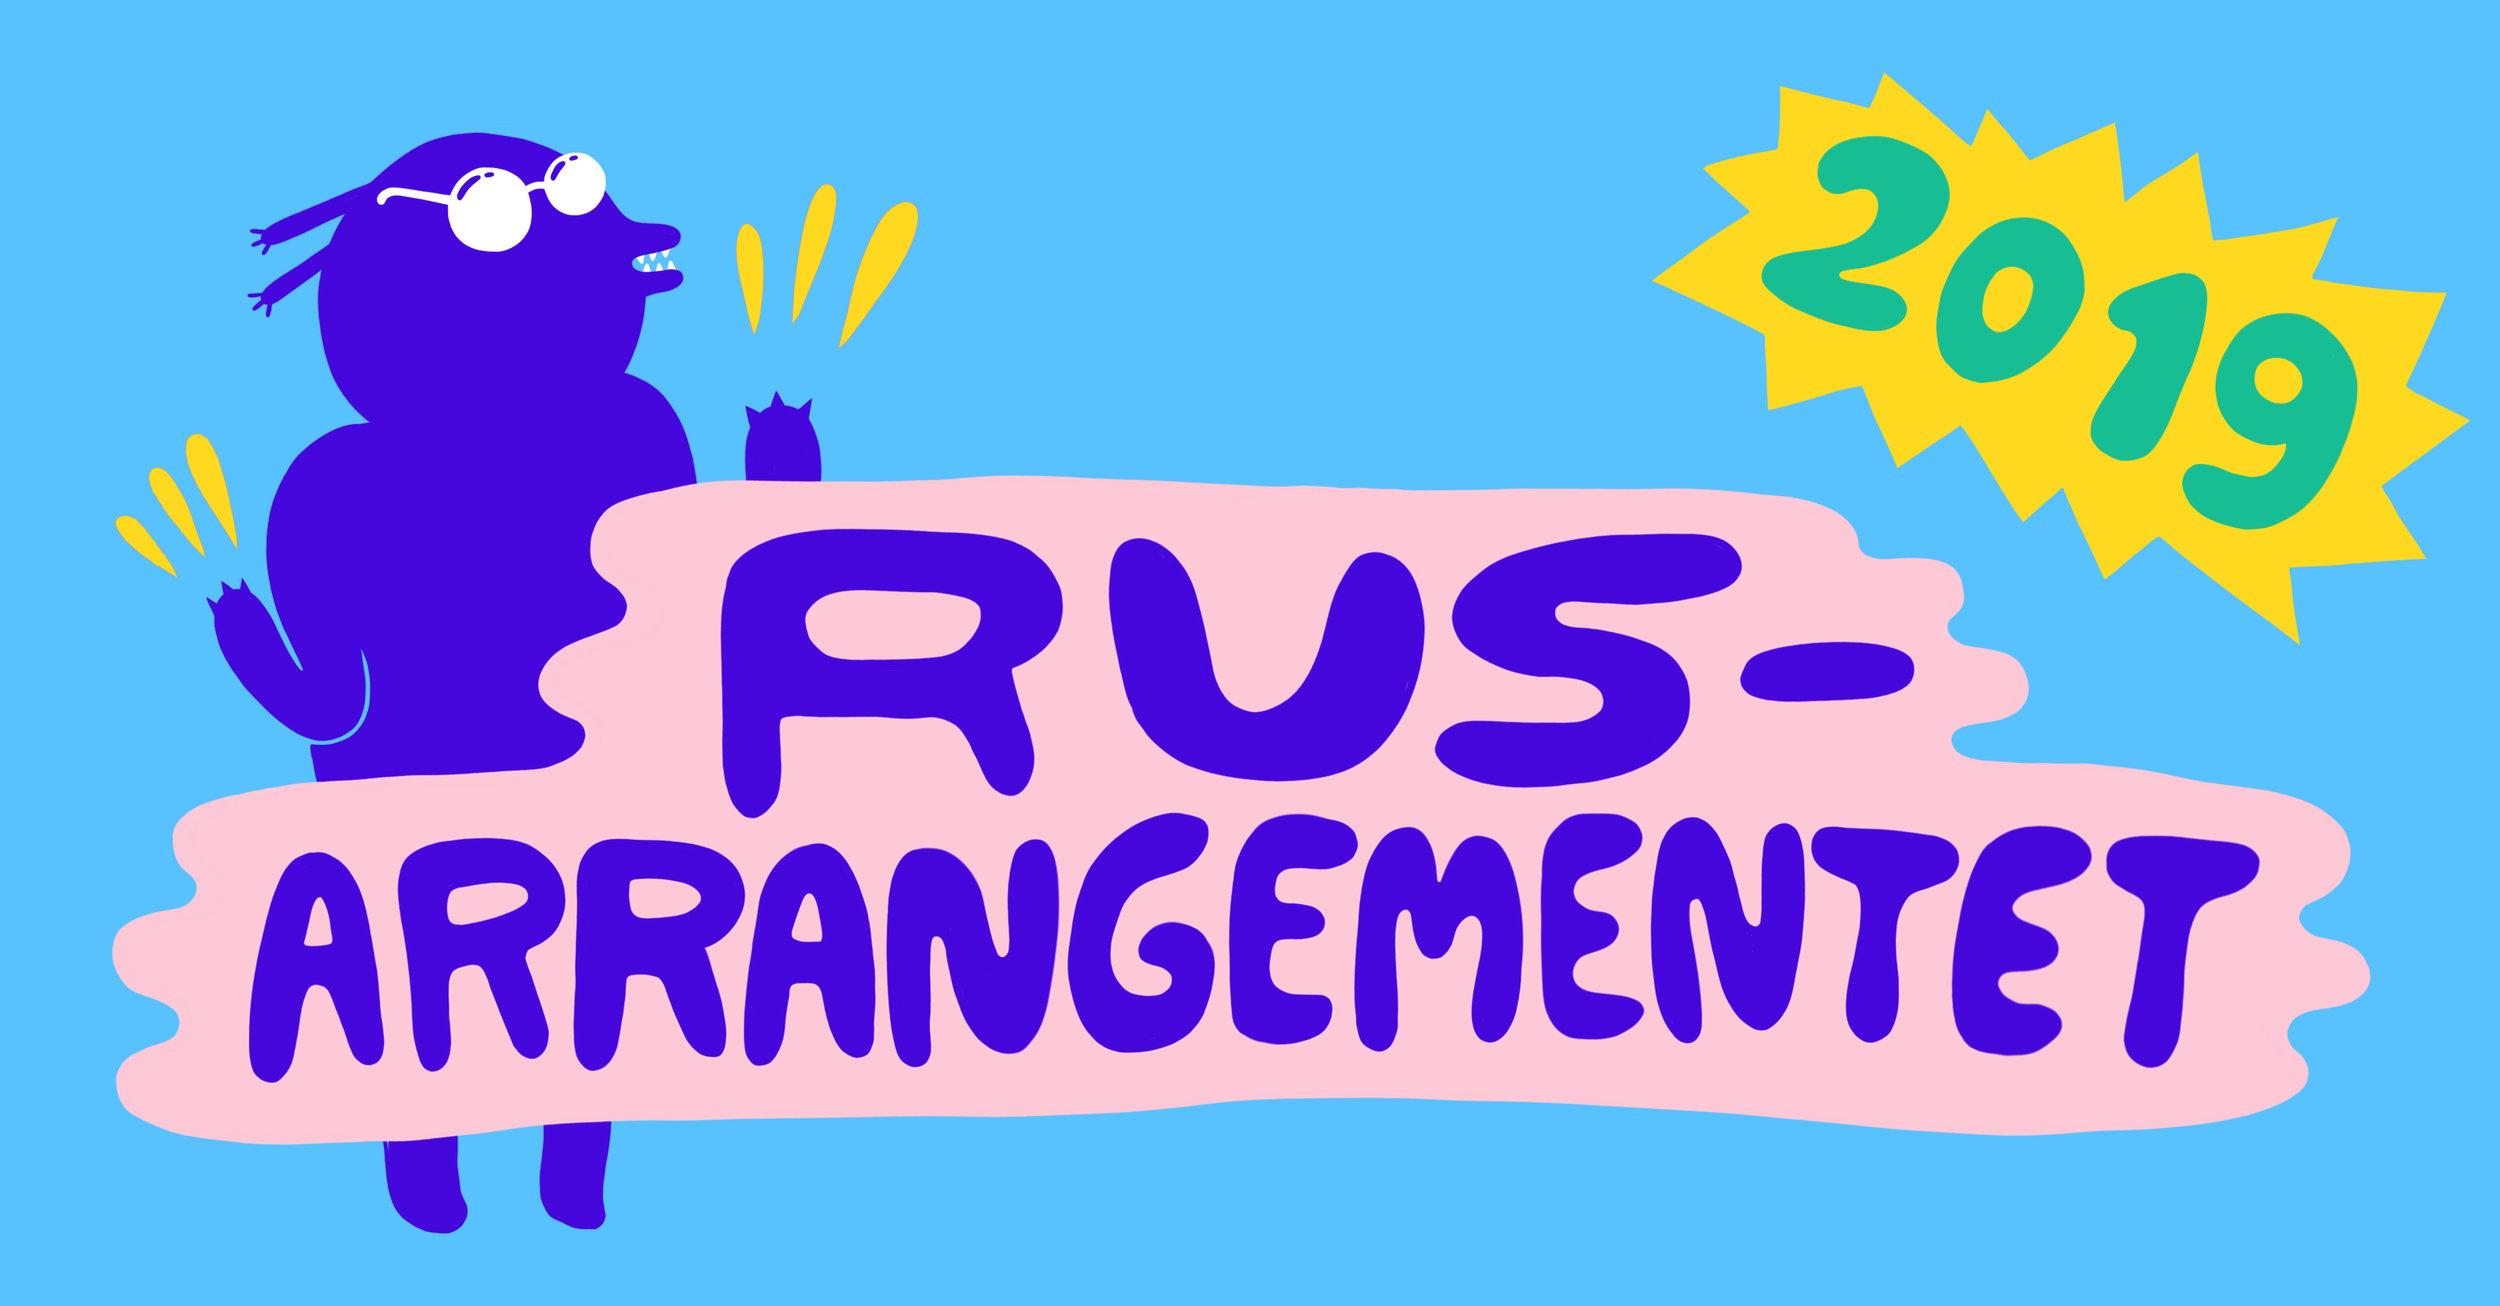 20190612 Rusarrangement.jpg